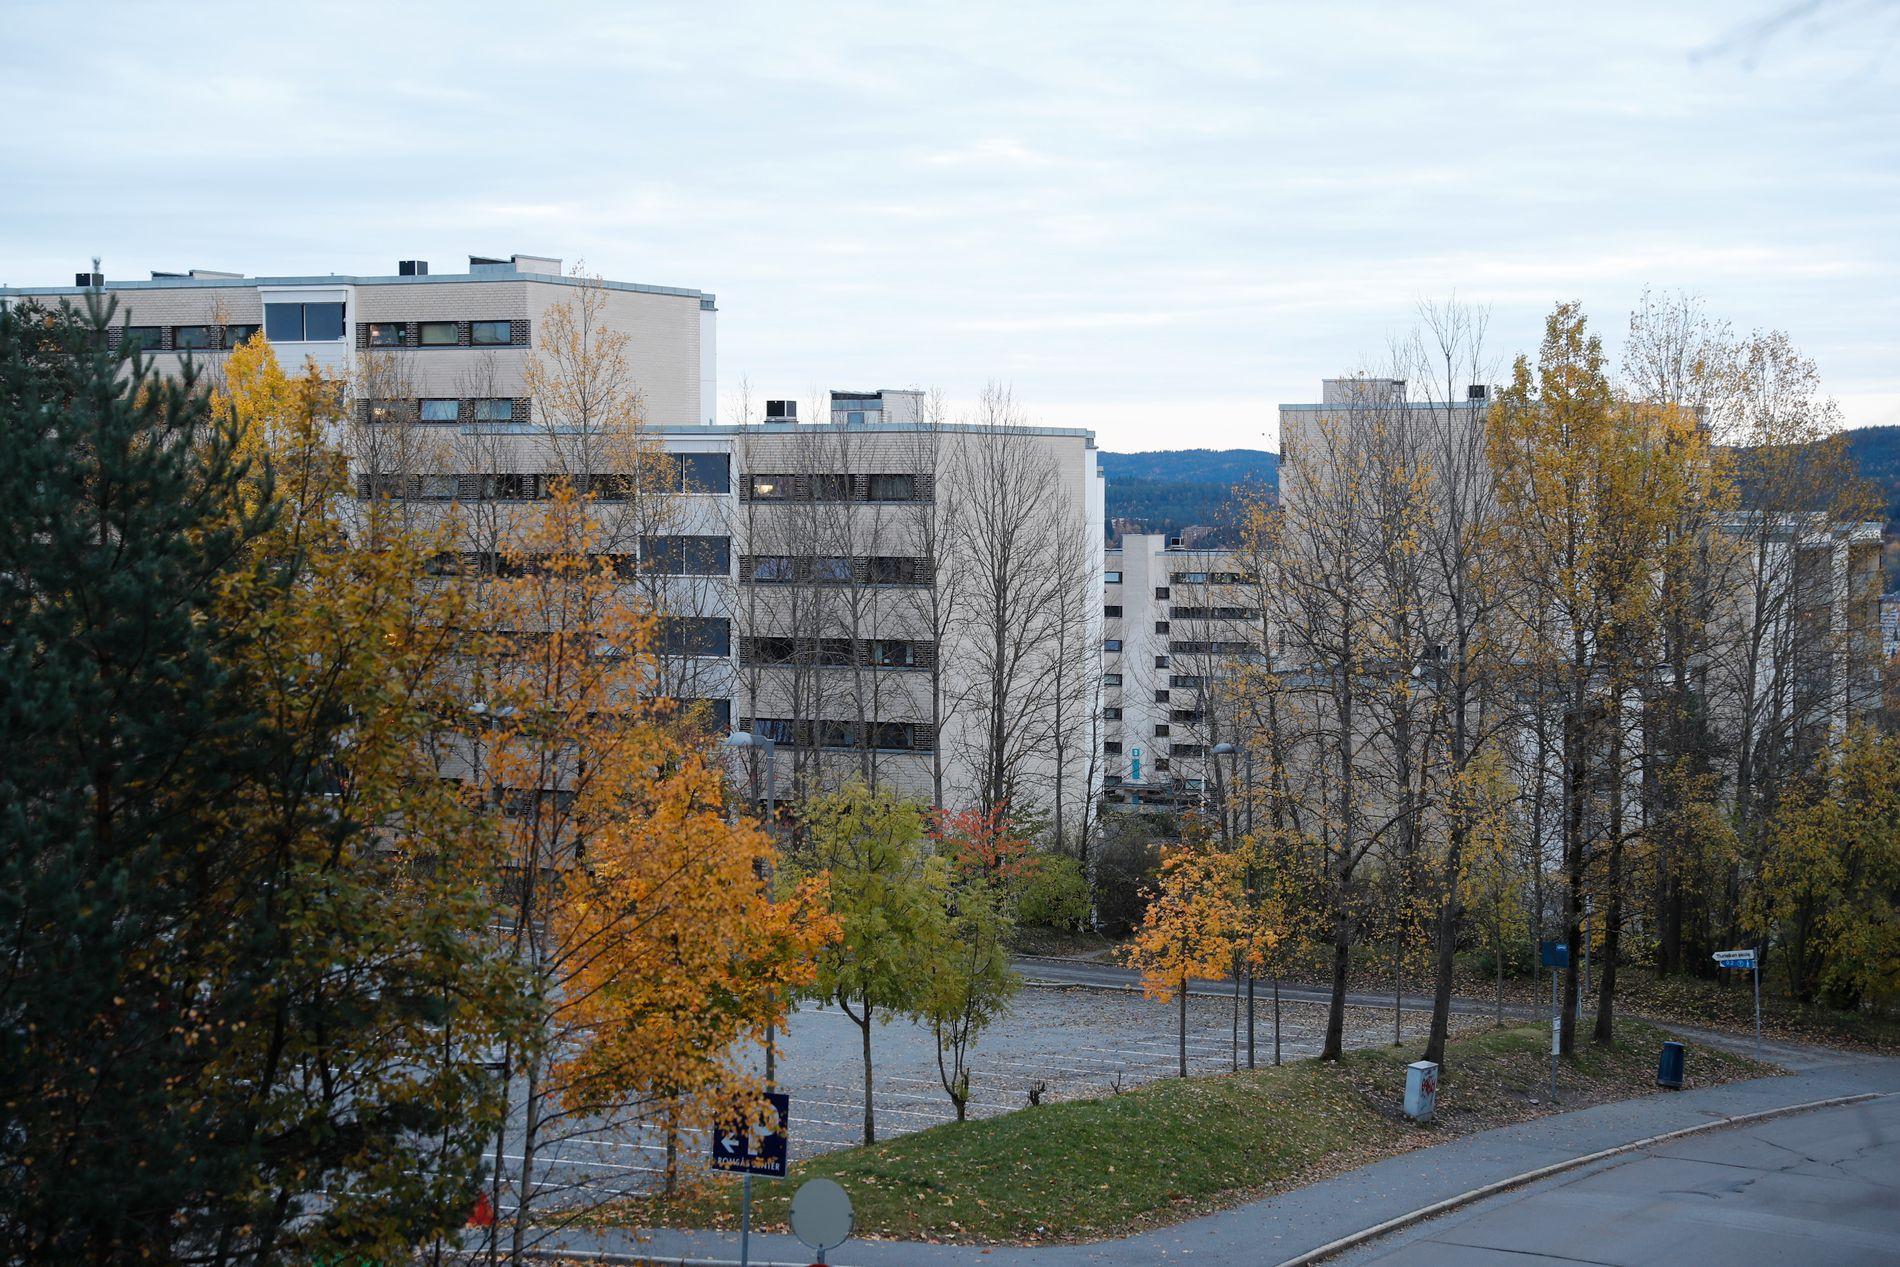 MANGE SPØRSMÅL: Her i drabantbyen Romsås nordøst i Oslo ble tre kvinner – en mor og to voksne døtre – funnet døde torsdag i forrige uke. Nå forsøker politiet å finne ut hvorfor.